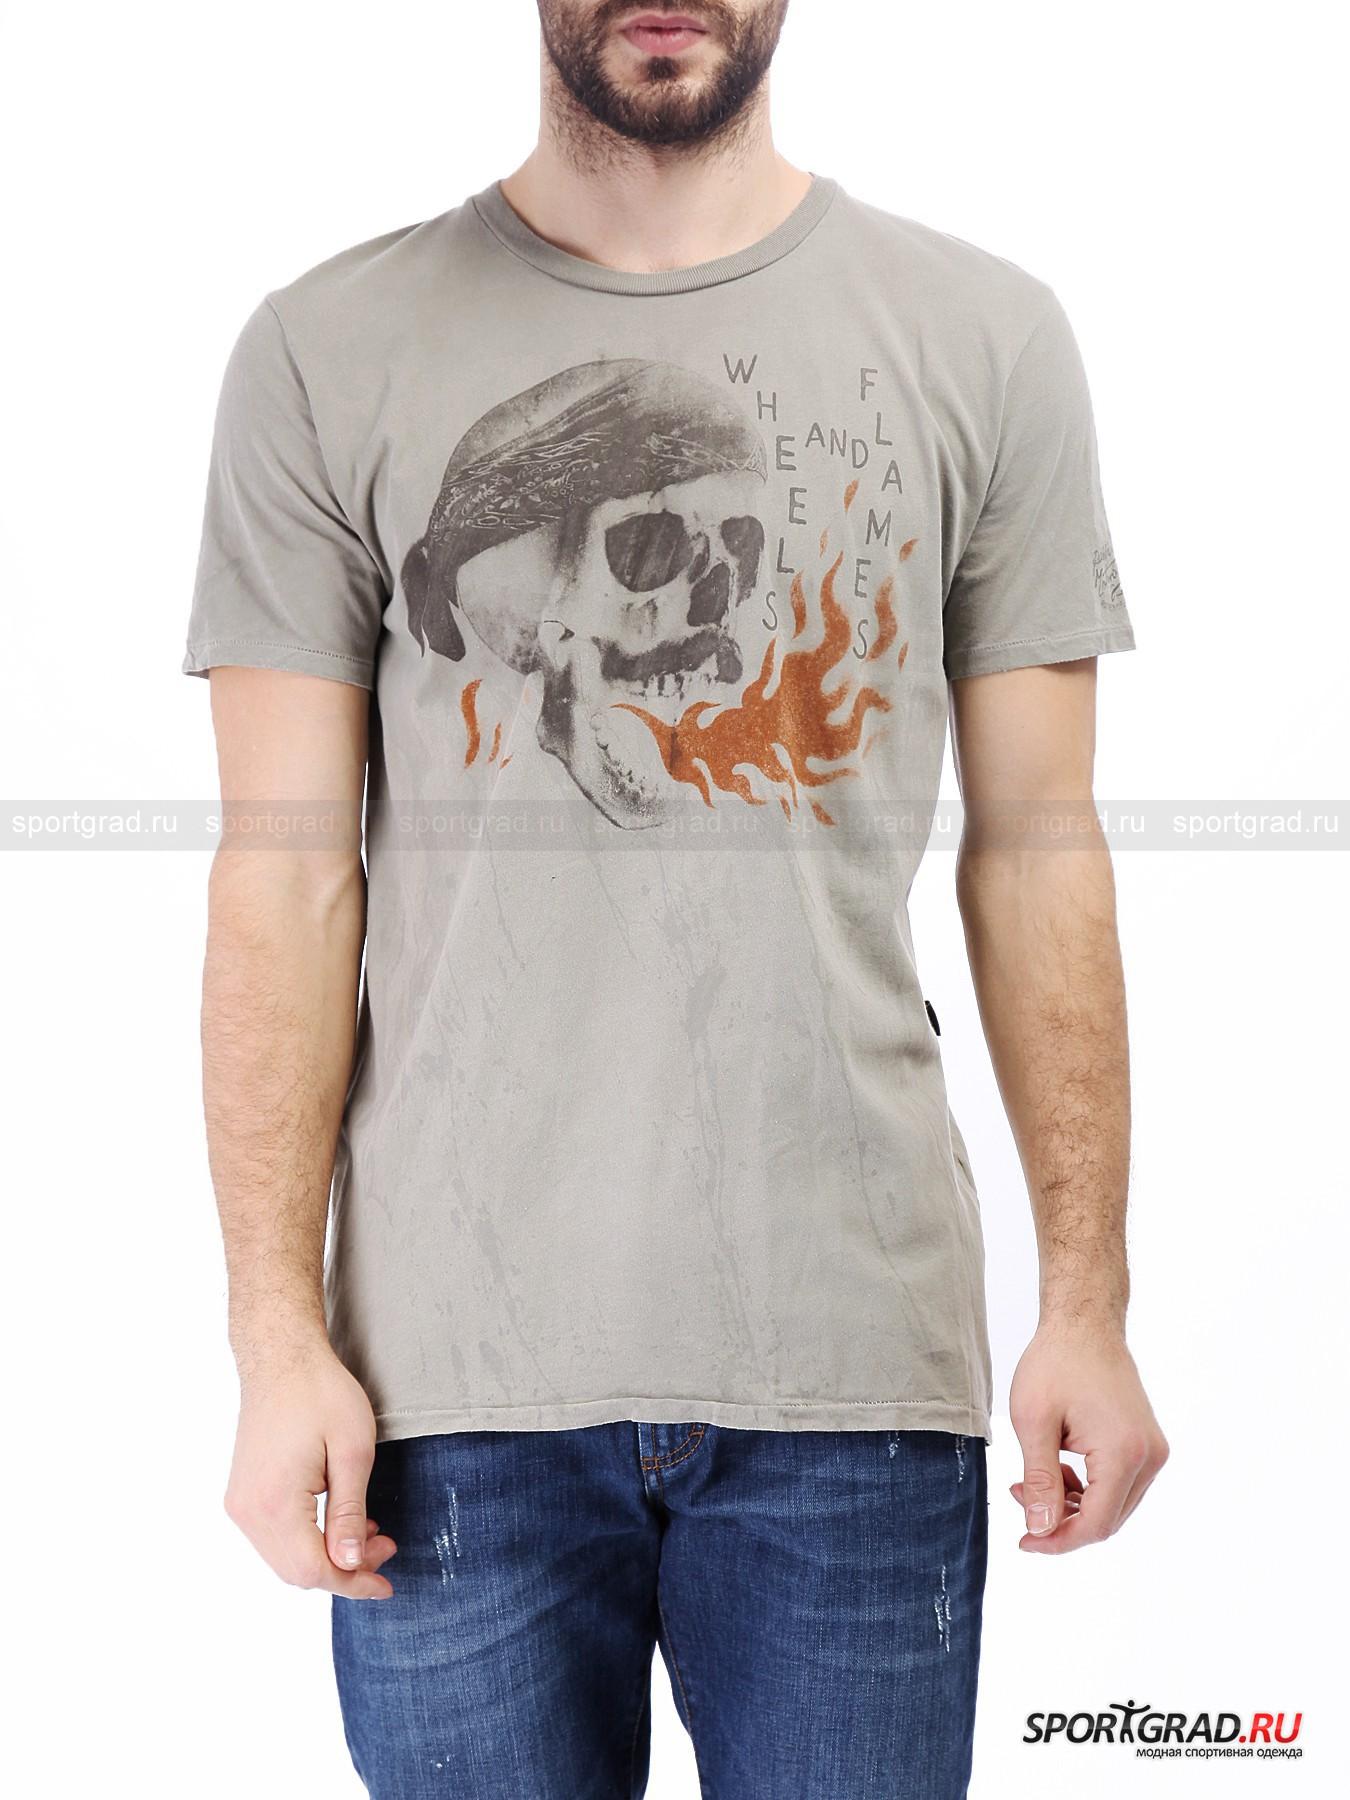 Футболка мужская  RUDE RIDERSФутболки<br>Эффектная футболка в традиционном для Rude Riders винтажном стиле, декорированная брутальным принтом с изображением черепа, выдыхающего пламя. Такой необычный рисунок – дань байкерским традициям, благодаря которым и появился узнаваемый дизайн вещей марки.<br><br>Футболка сделана из премиального хлопка, она фантастически мягкая и приятная к телу. Ткань выглядит будто бы немного выцветшей и покрыта специально сделанными разводами.<br><br>Пол: Мужской<br>Возраст: Взрослый<br>Тип: Футболки<br>Рекомендации по уходу: стирка в теплой воде до 30 С; не отбеливать; гладить слегка нагретым утюгом (температура до 110 C); разрешена сухая химическая чистка; нельзя выжимать и сушить в стиральной машине<br>Состав: 100% хлопок